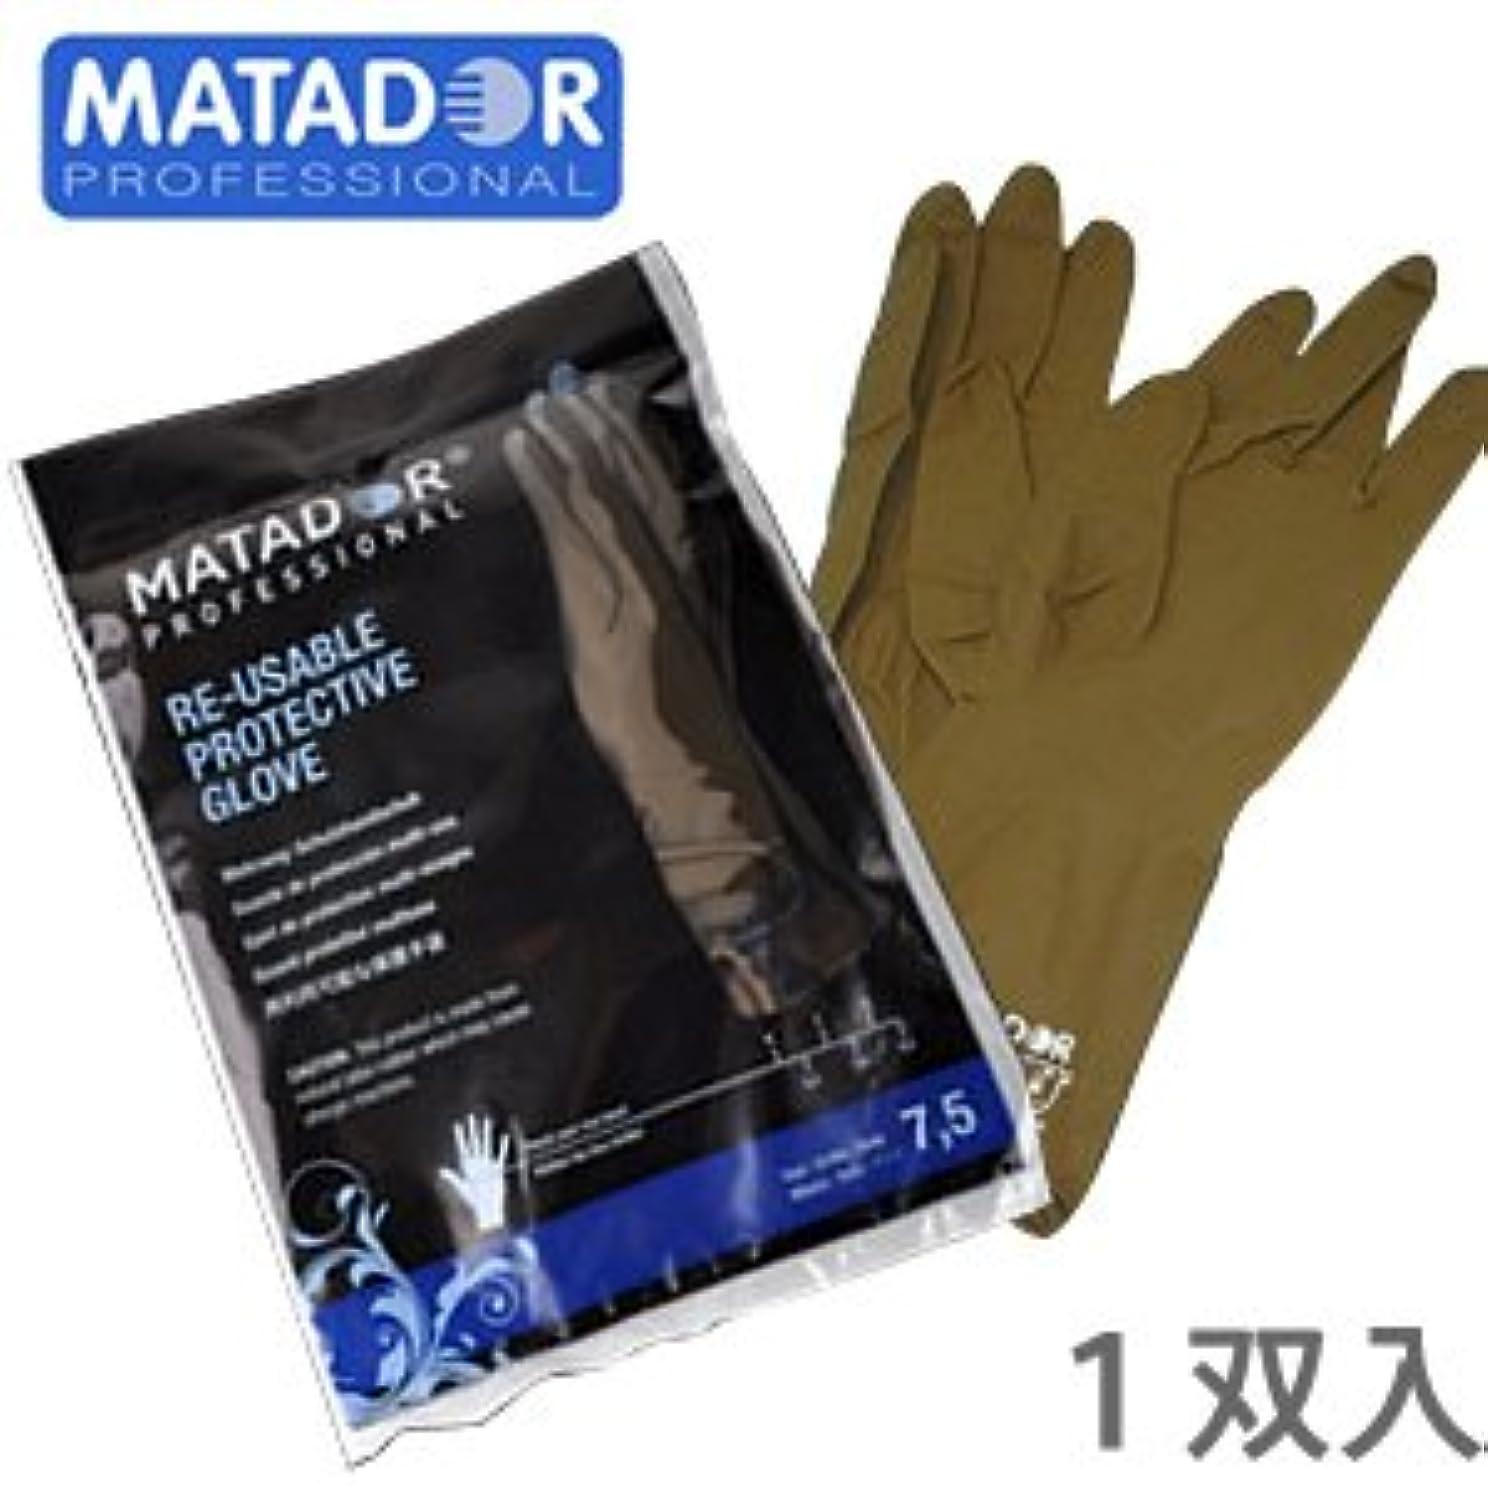 甥志す理容師マタドールゴム手袋 7.5吋 【10個セット】